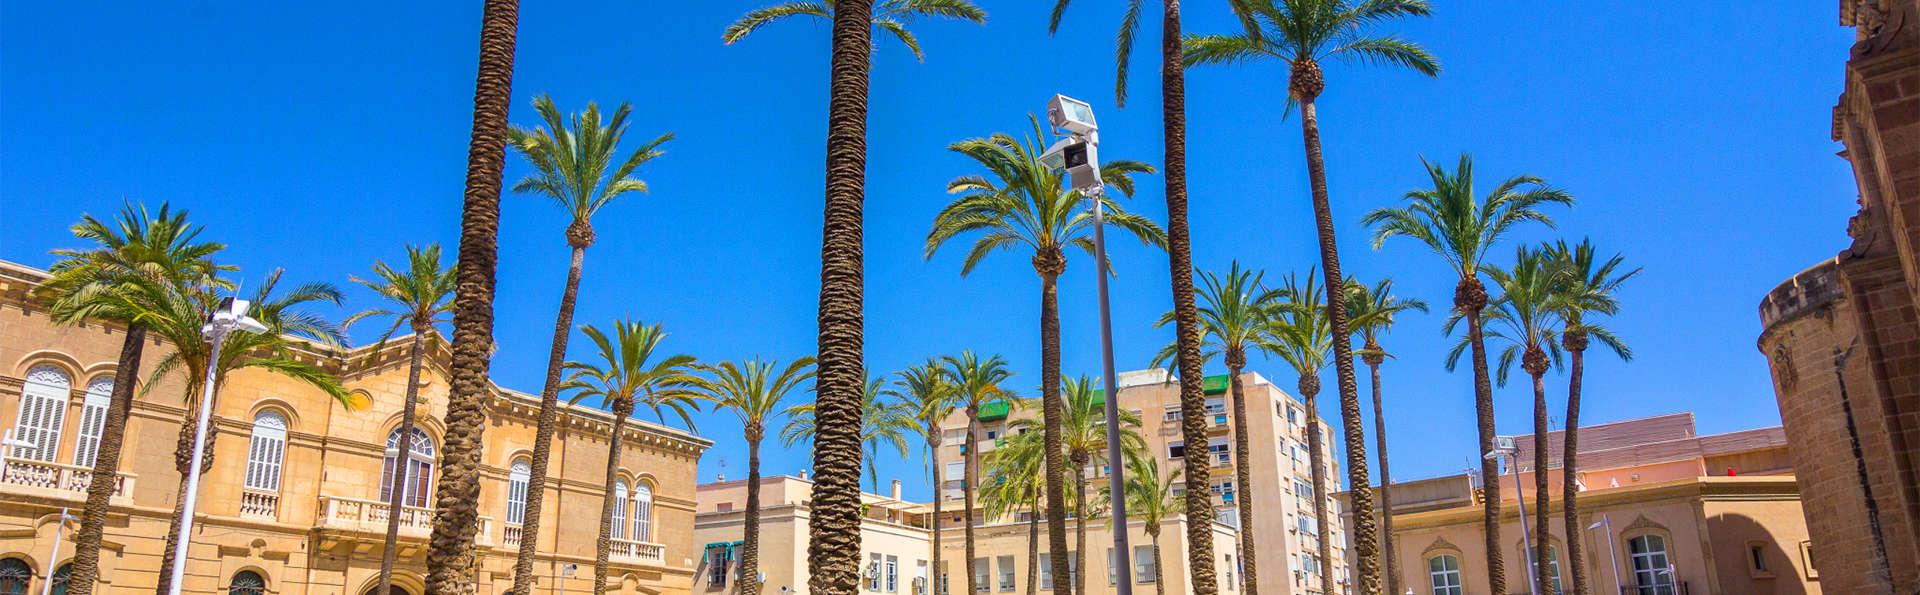 Avenida Hotel Almería - EDIT_Destination5.jpg